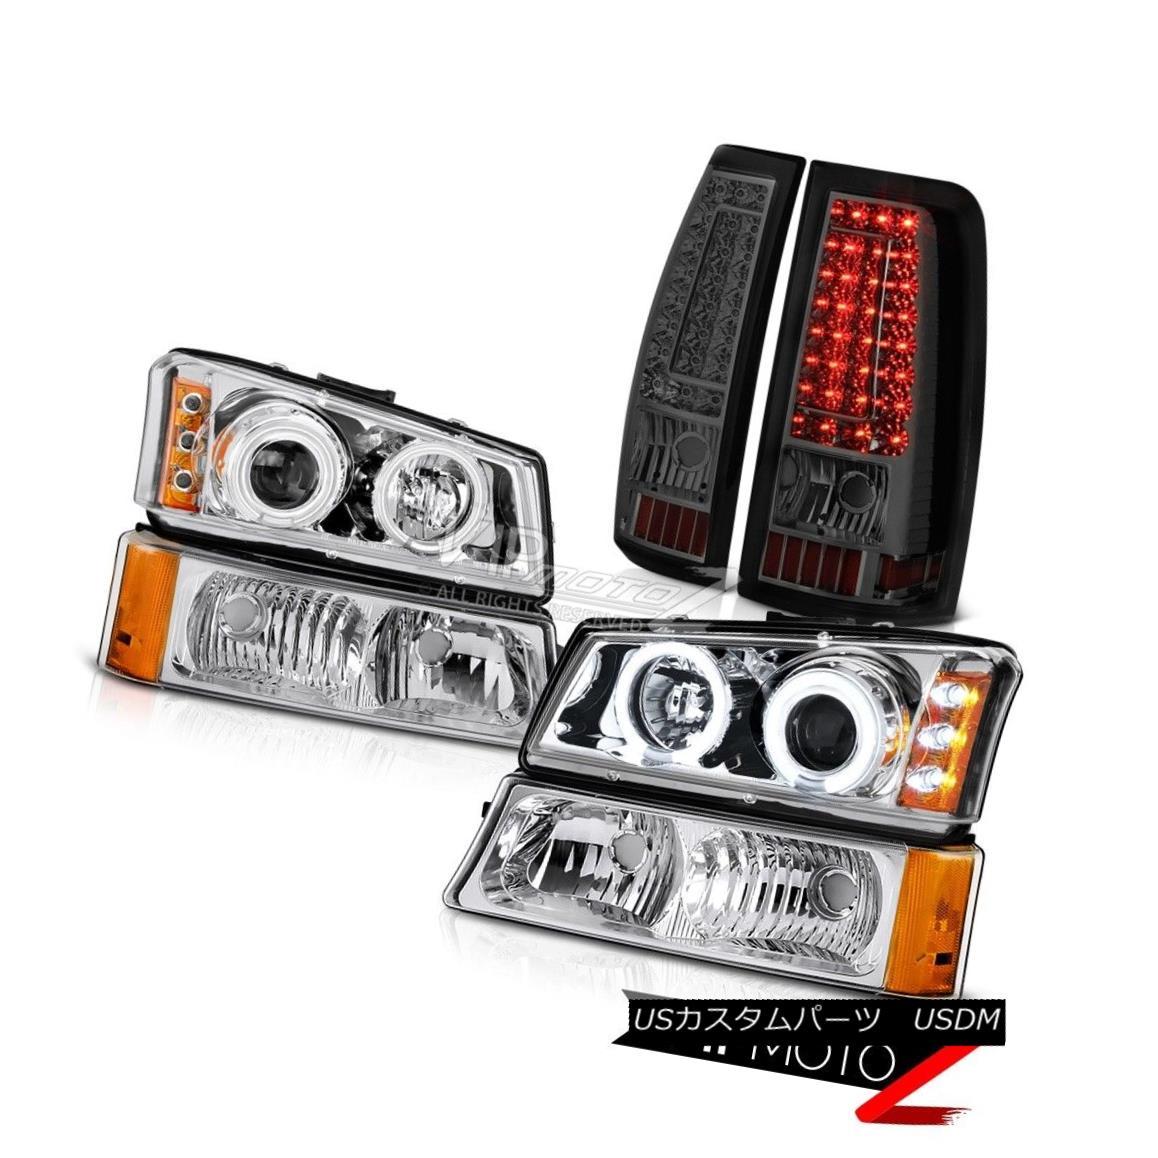 ヘッドライト 03-06 Silverado 3500Hd Chrome Signal Lamp Smoked Tail Brake Lights Headlights 03-06 Silverado 3500Hdクローム信号ランプスモークテールブレーキライトヘッドライト